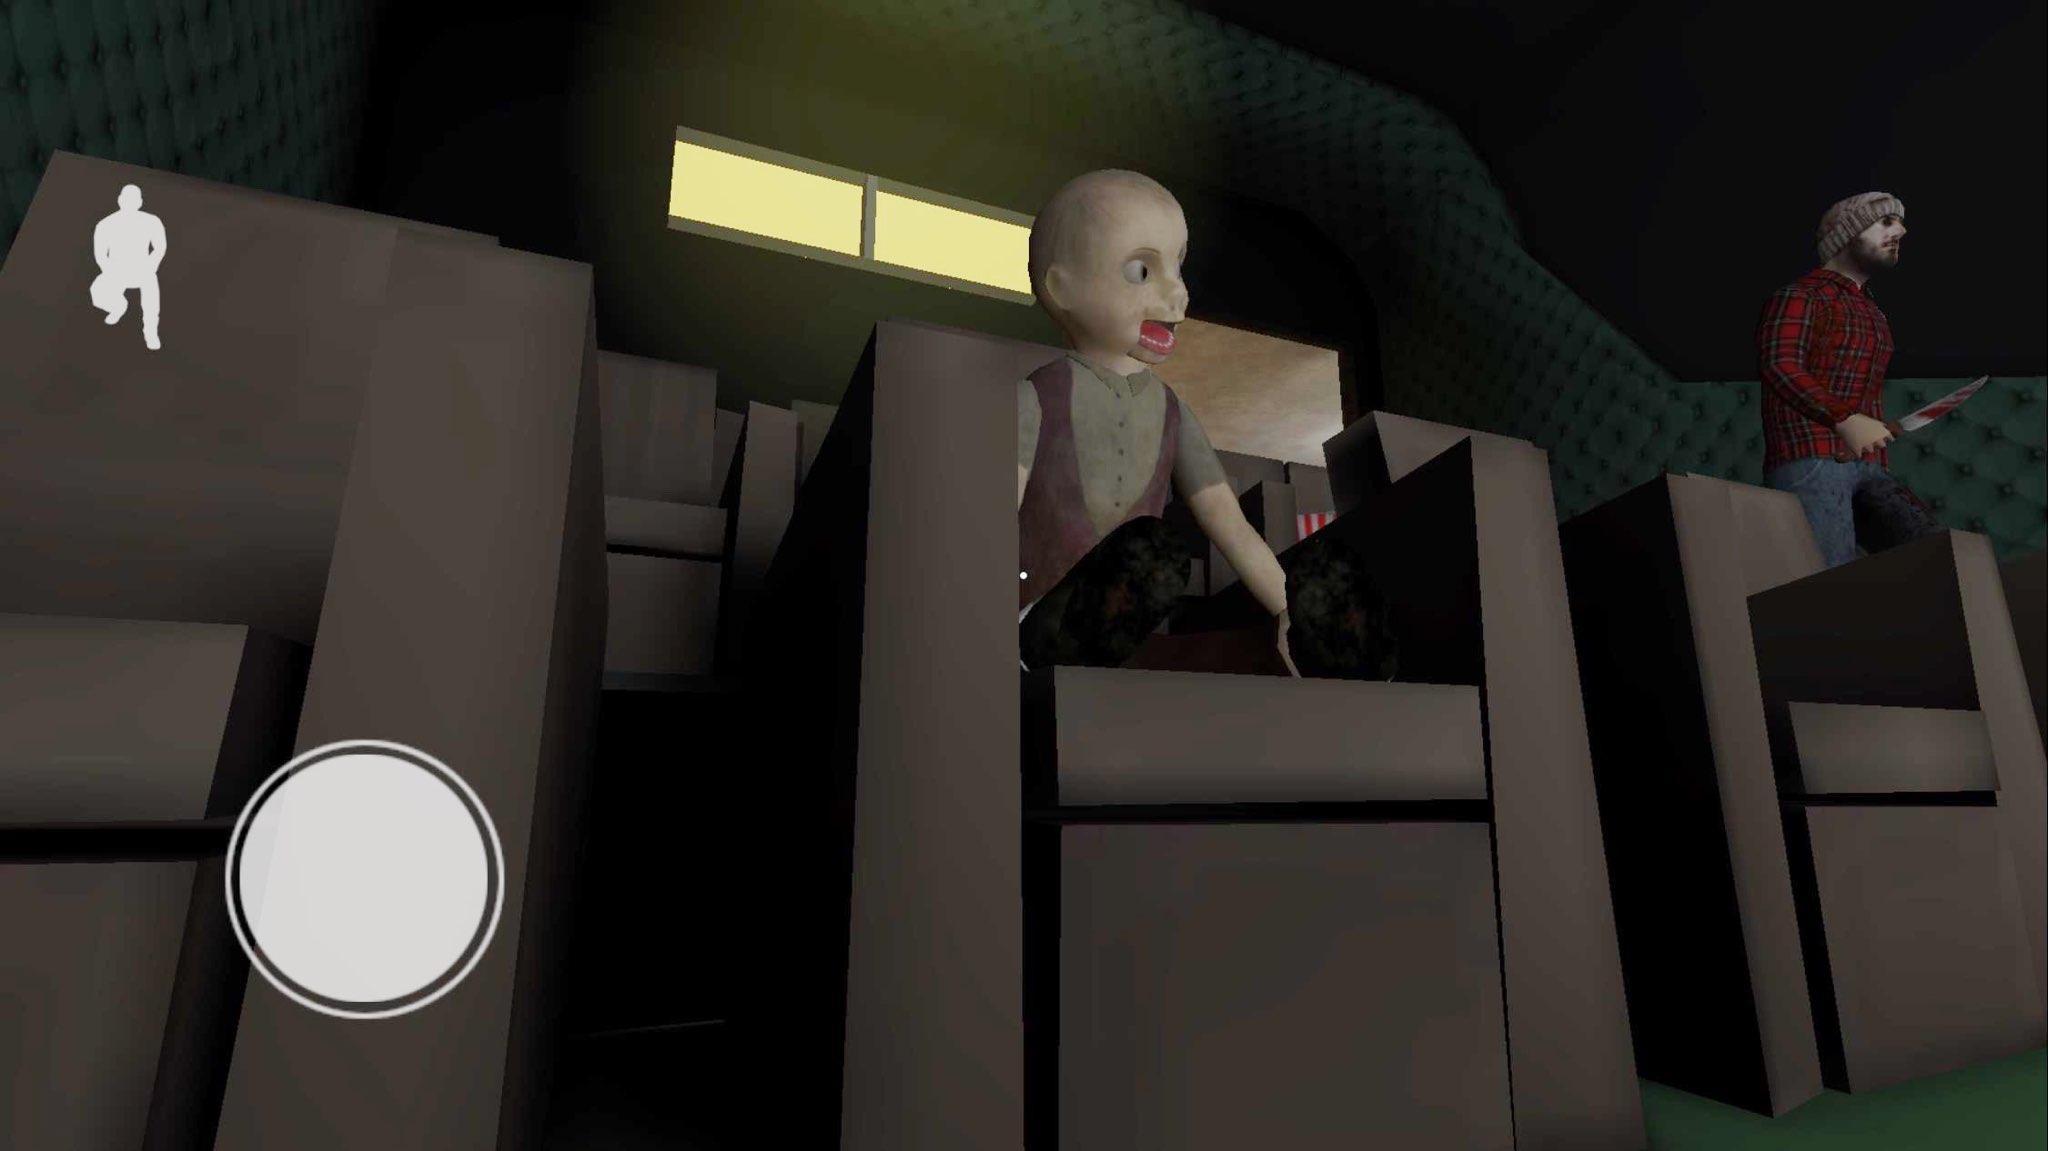 Dark Internet: ¡Juego de terror y supervivencia! 1.1.0 Screenshot 6